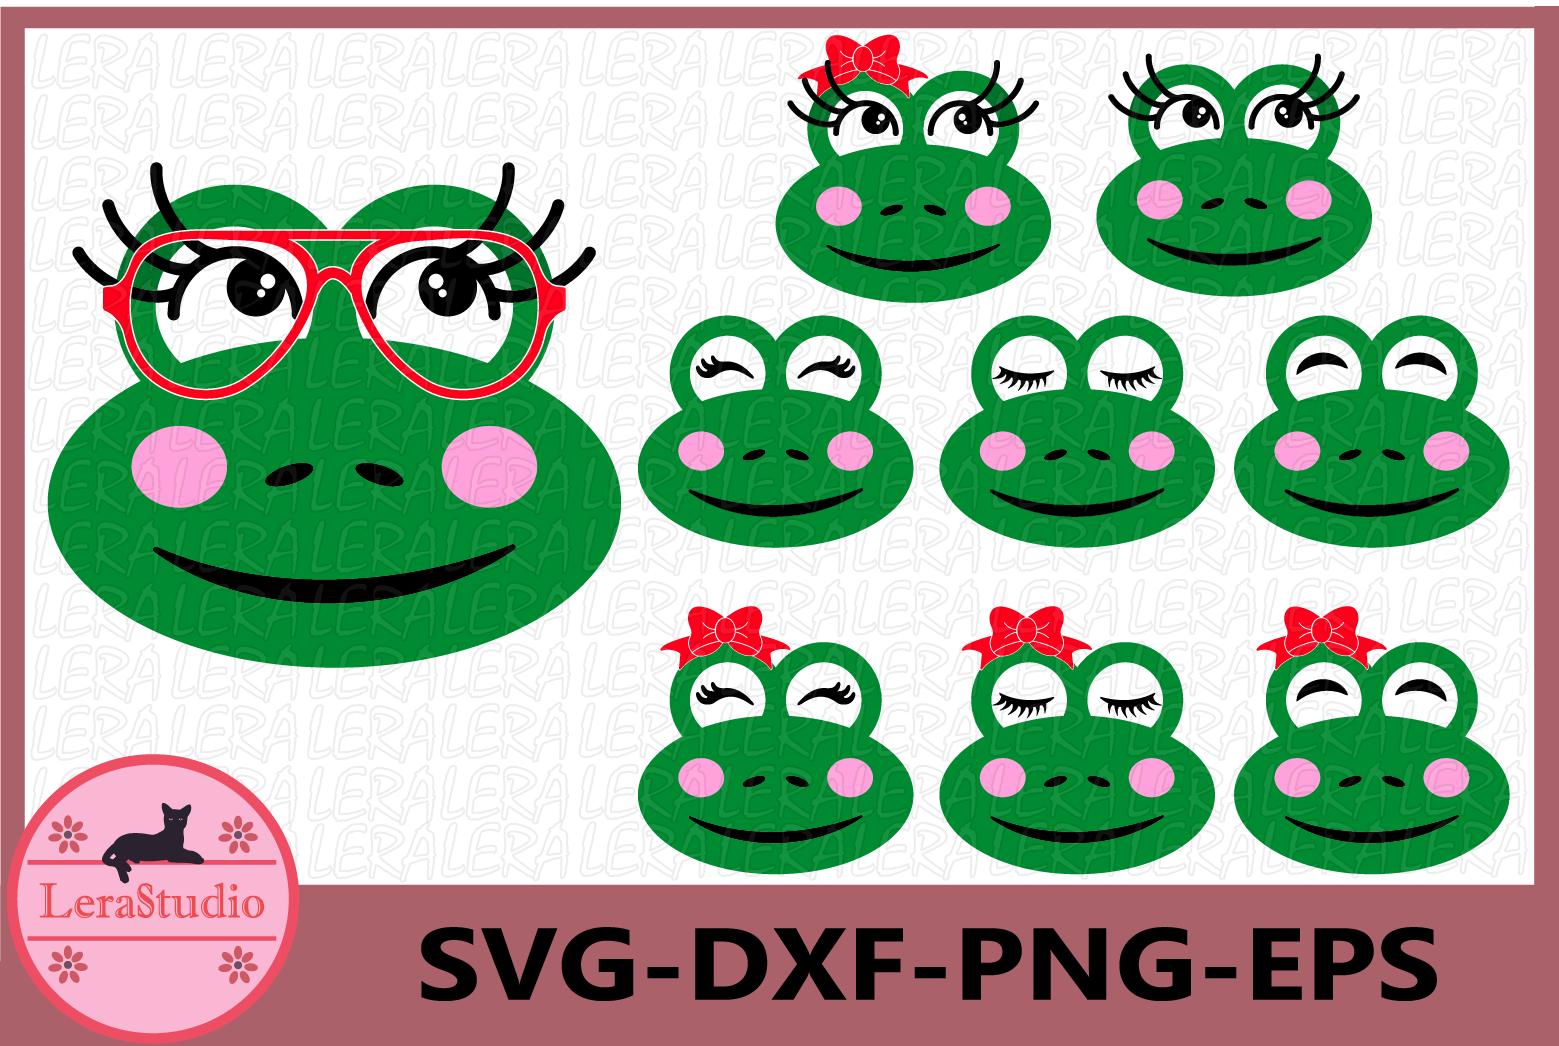 Frog SVG, Animal face svg, Frog Eyelashes Face Svg, Frog example image 1